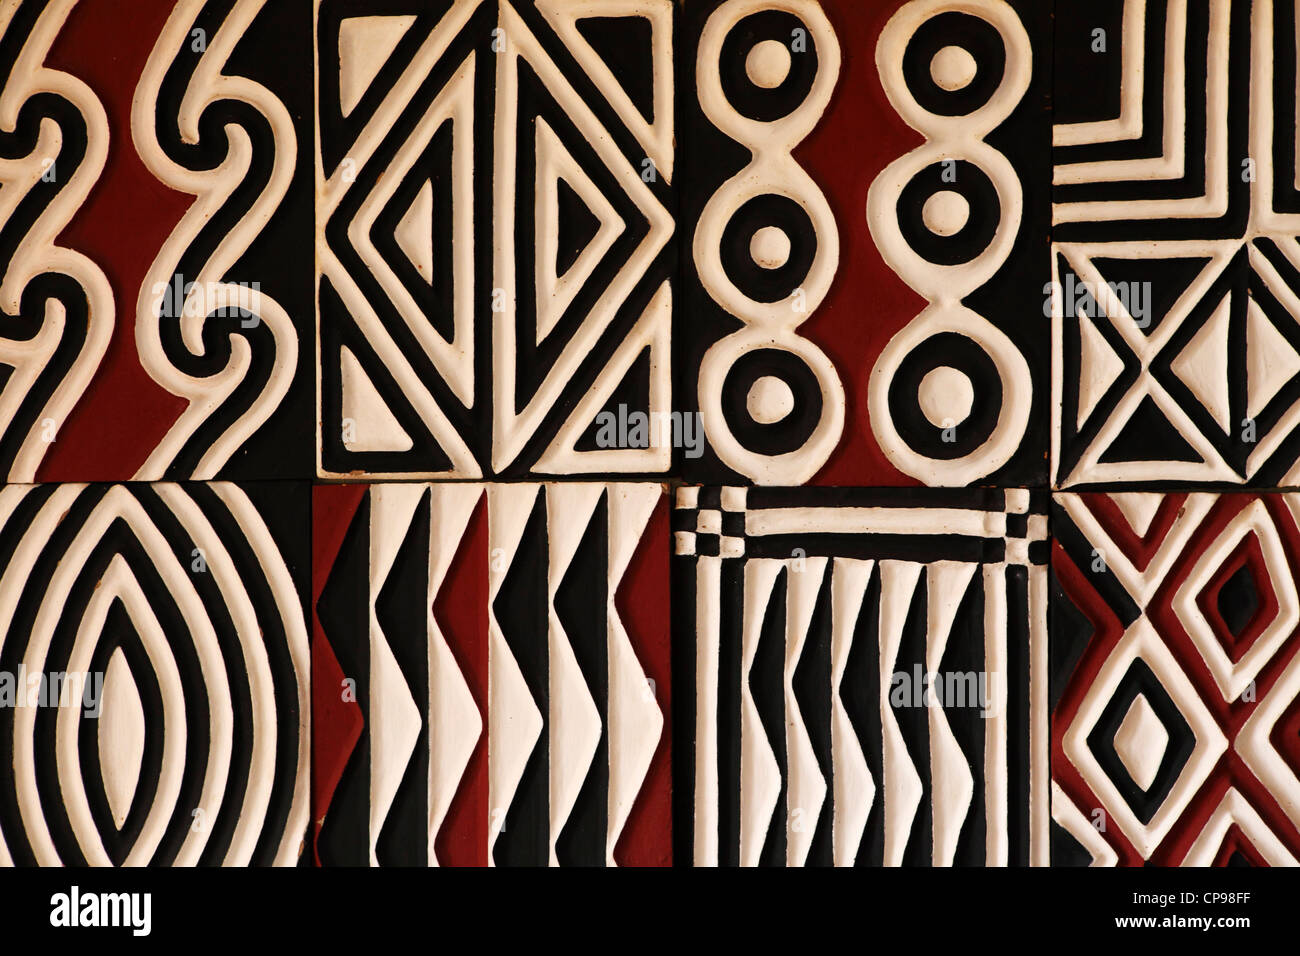 Traditional Imigongo art on display in Rwanda. - Stock Image